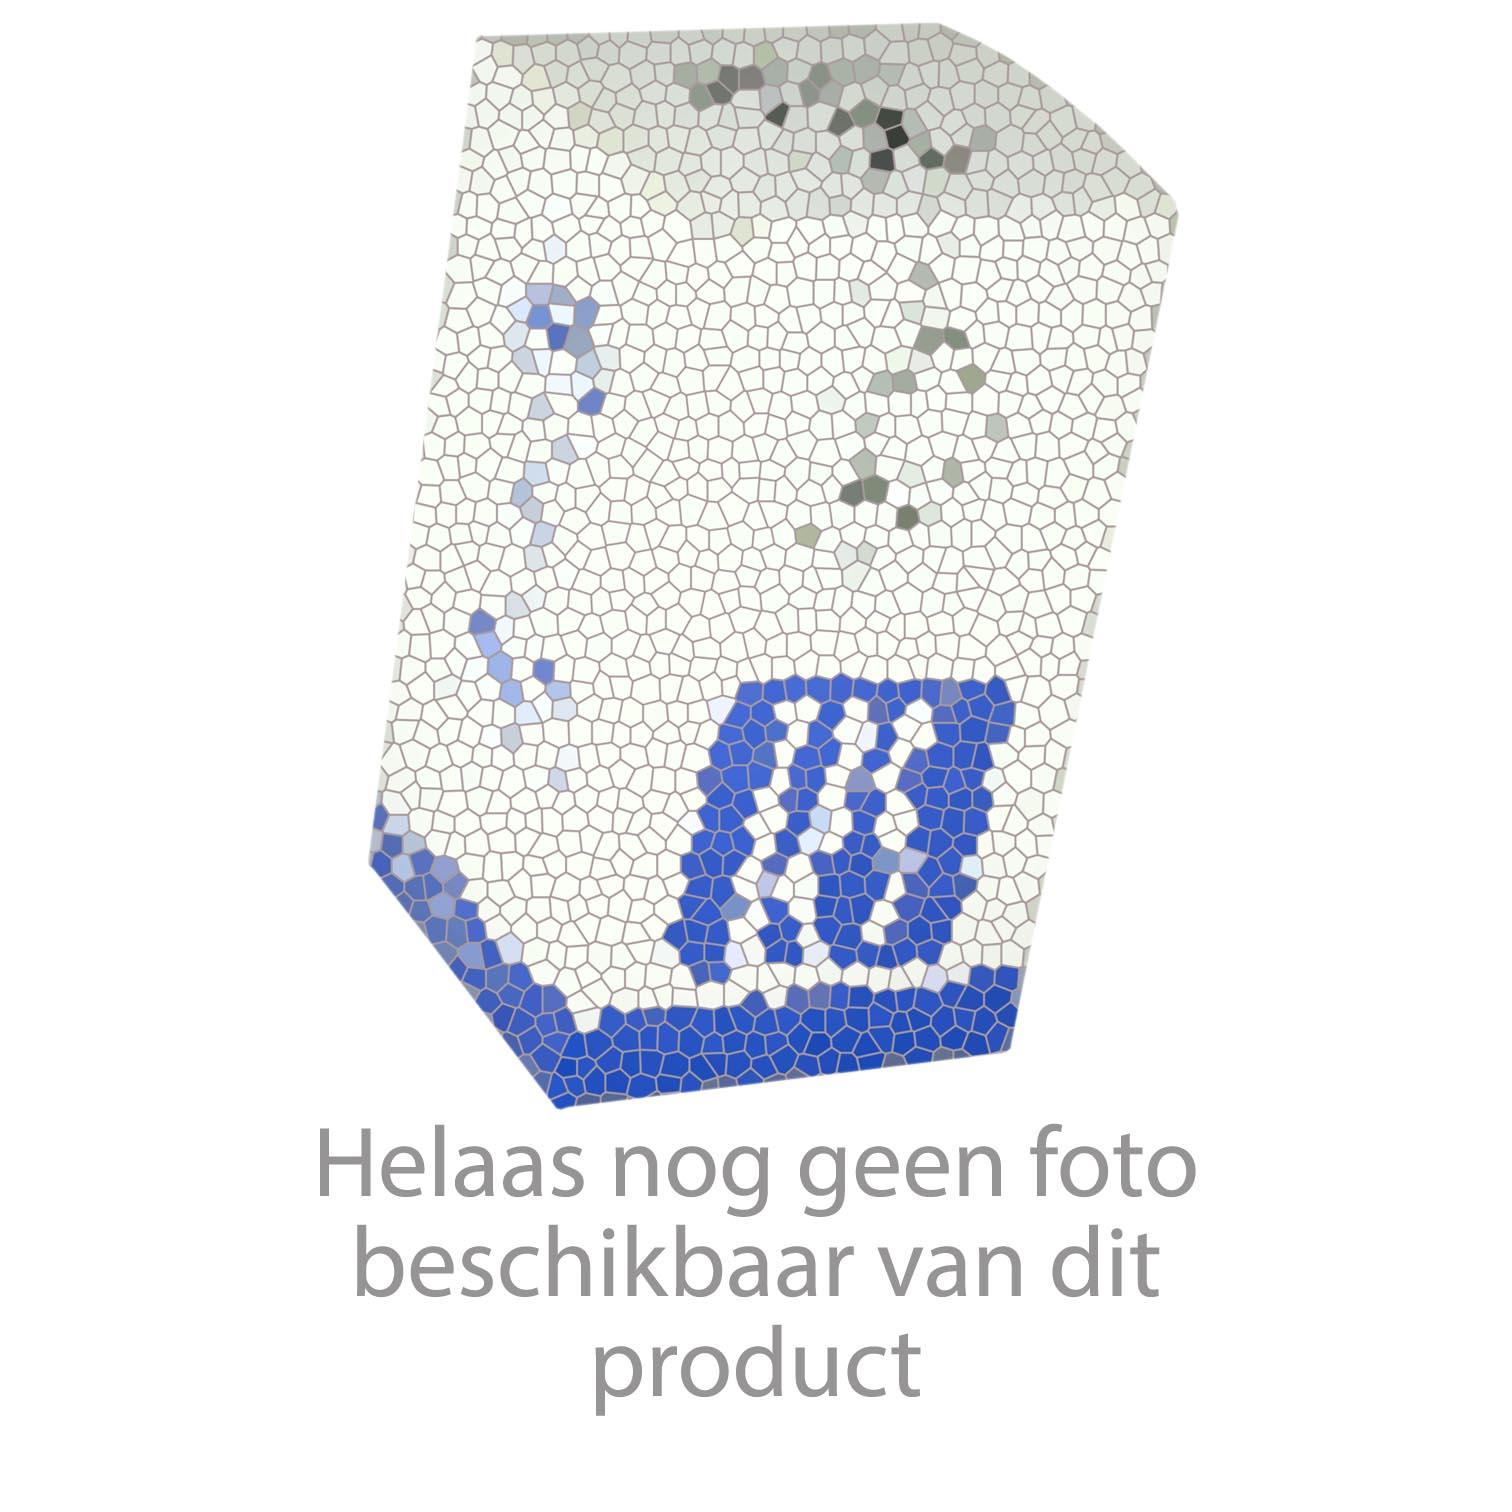 HansGrohe Keukenmengkranen Allegra Metropol / Allegra Uno productiejaar > 09/01 14814000 onderdelen